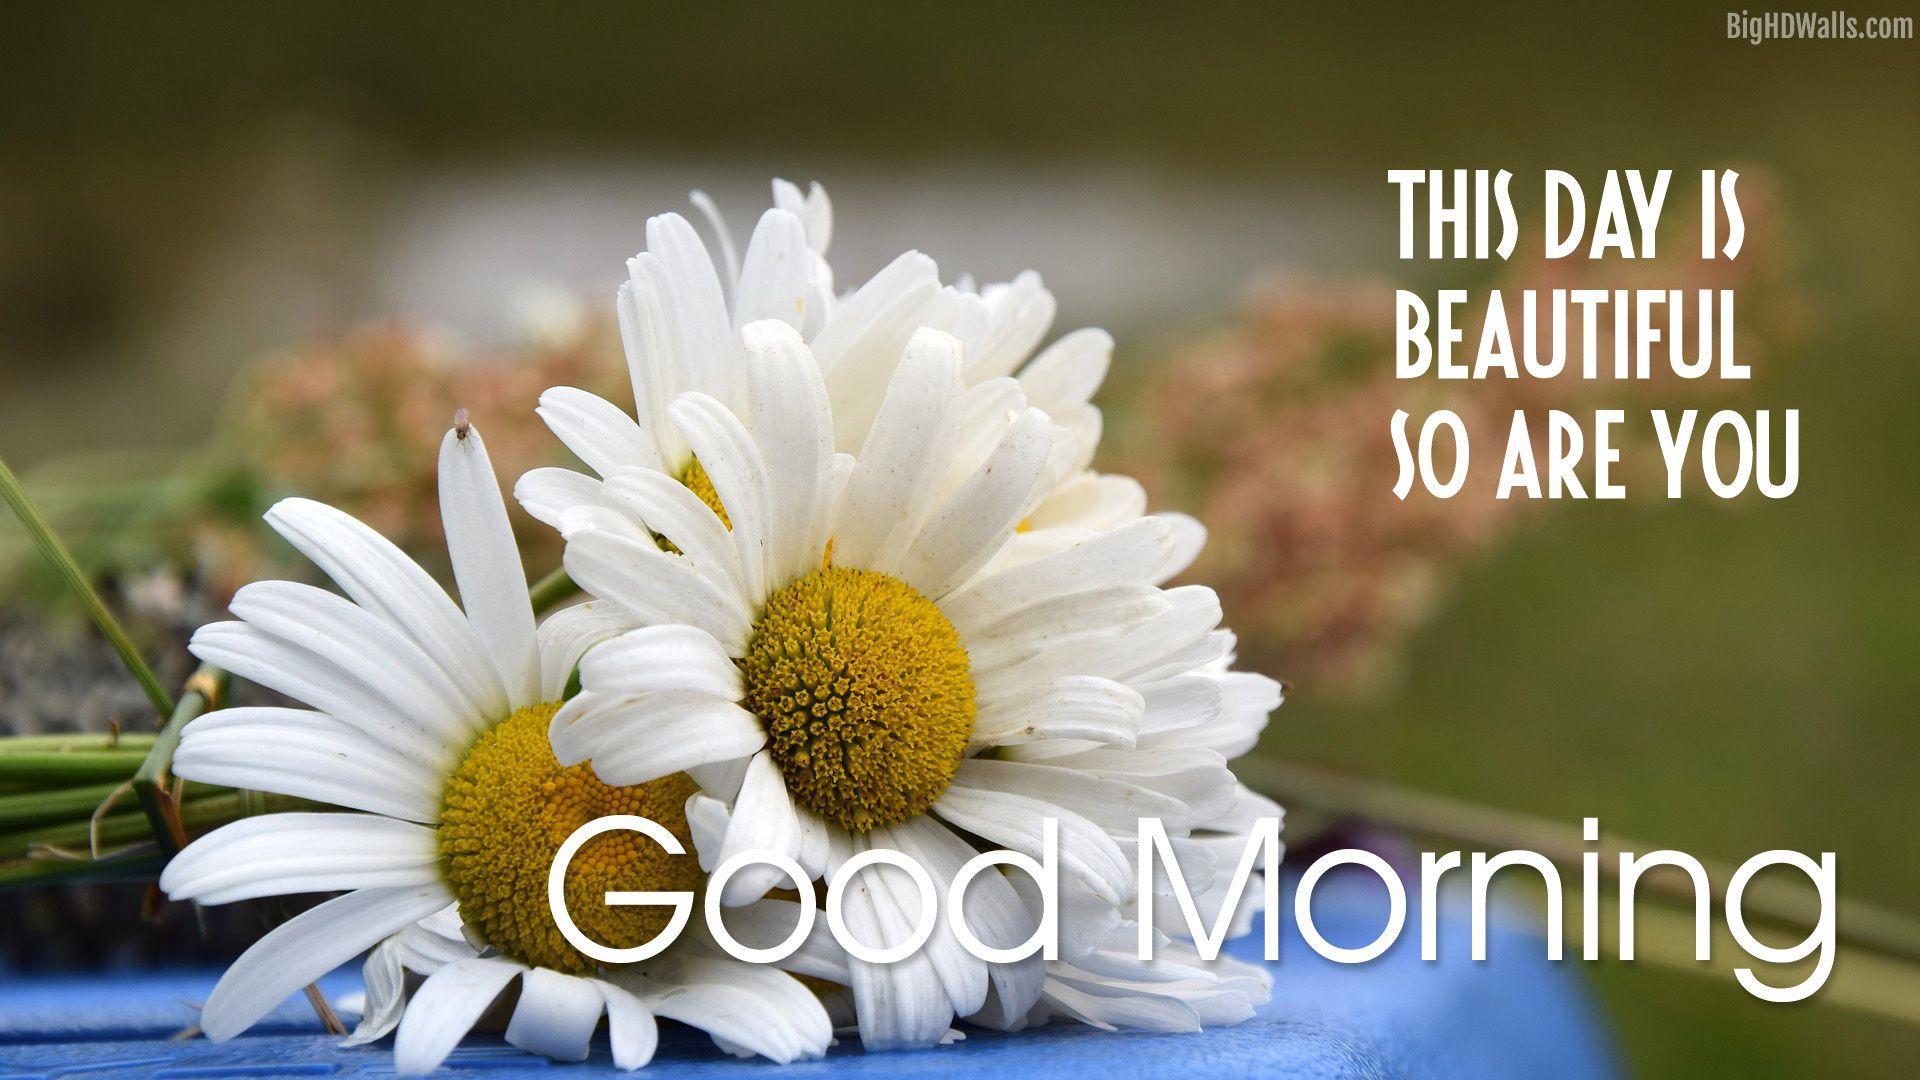 1920x1080 Beautiful Flower Good Morning Hình ảnh HD - Hình nền thiên nhiên Blog